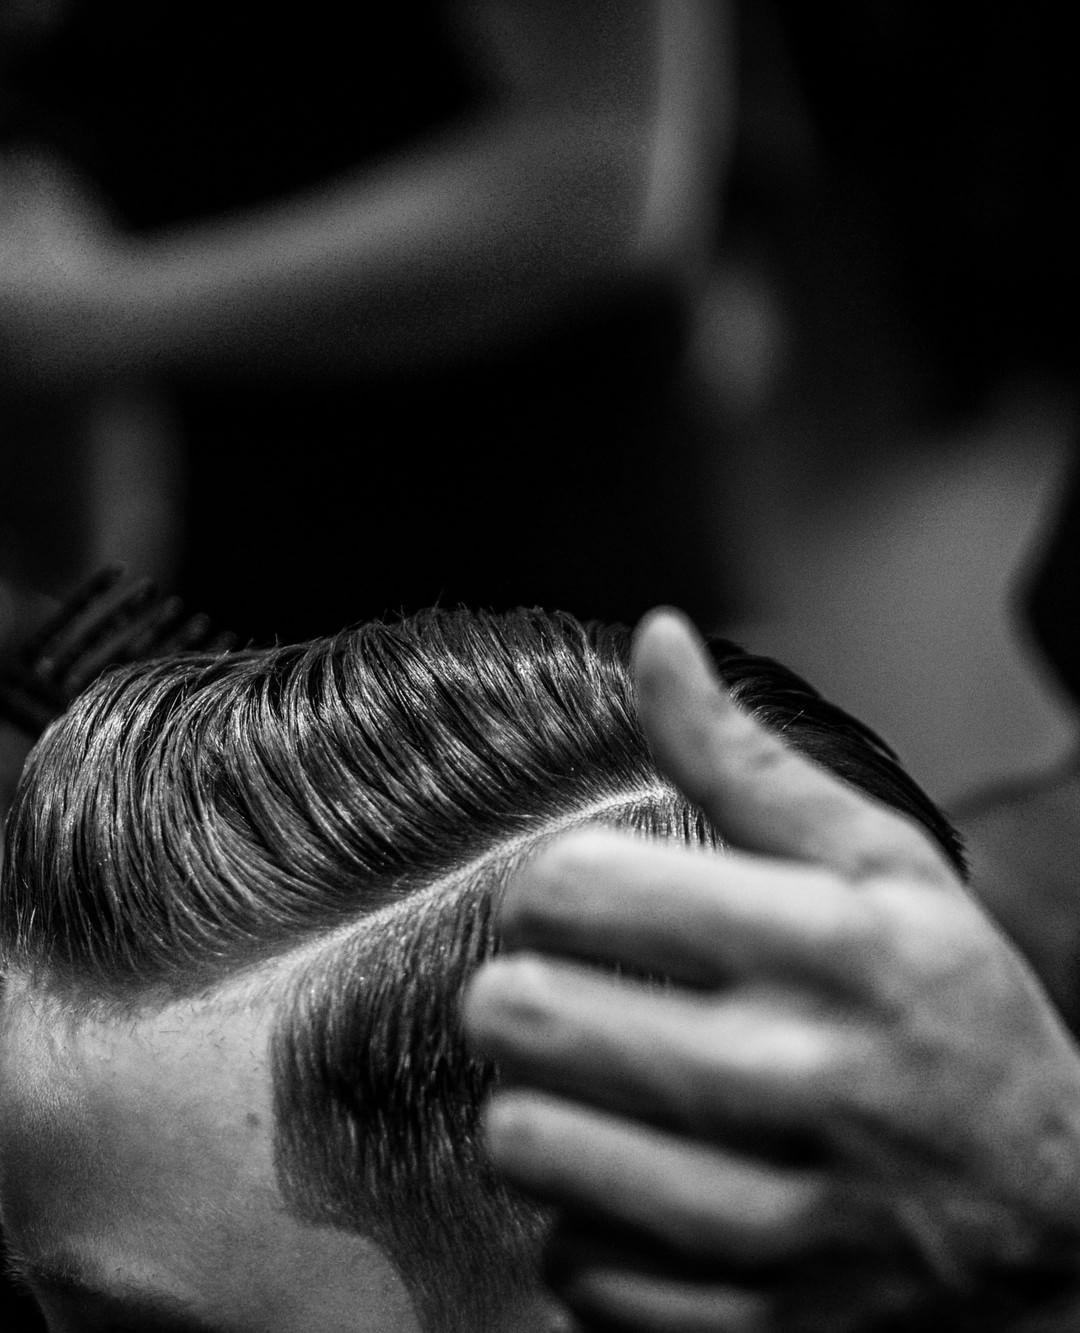 amazon.com/charlemagne  Pomade, Clay, Matte Haar Paste und die coolsten messy Looks. Herren Bart Stile Herrenhaar Styling Undercut Frisuren Haarschnitte für Männer Fahrradfahrer Surfer Look Inspiration Rock n Roll Haarschnitte, Fade Haarschnitte, kurz, mittel, lang, kurze Seiten, Frisur, Frisur, Frisur, Haartrend 2018, Männer #mittellangeröcke